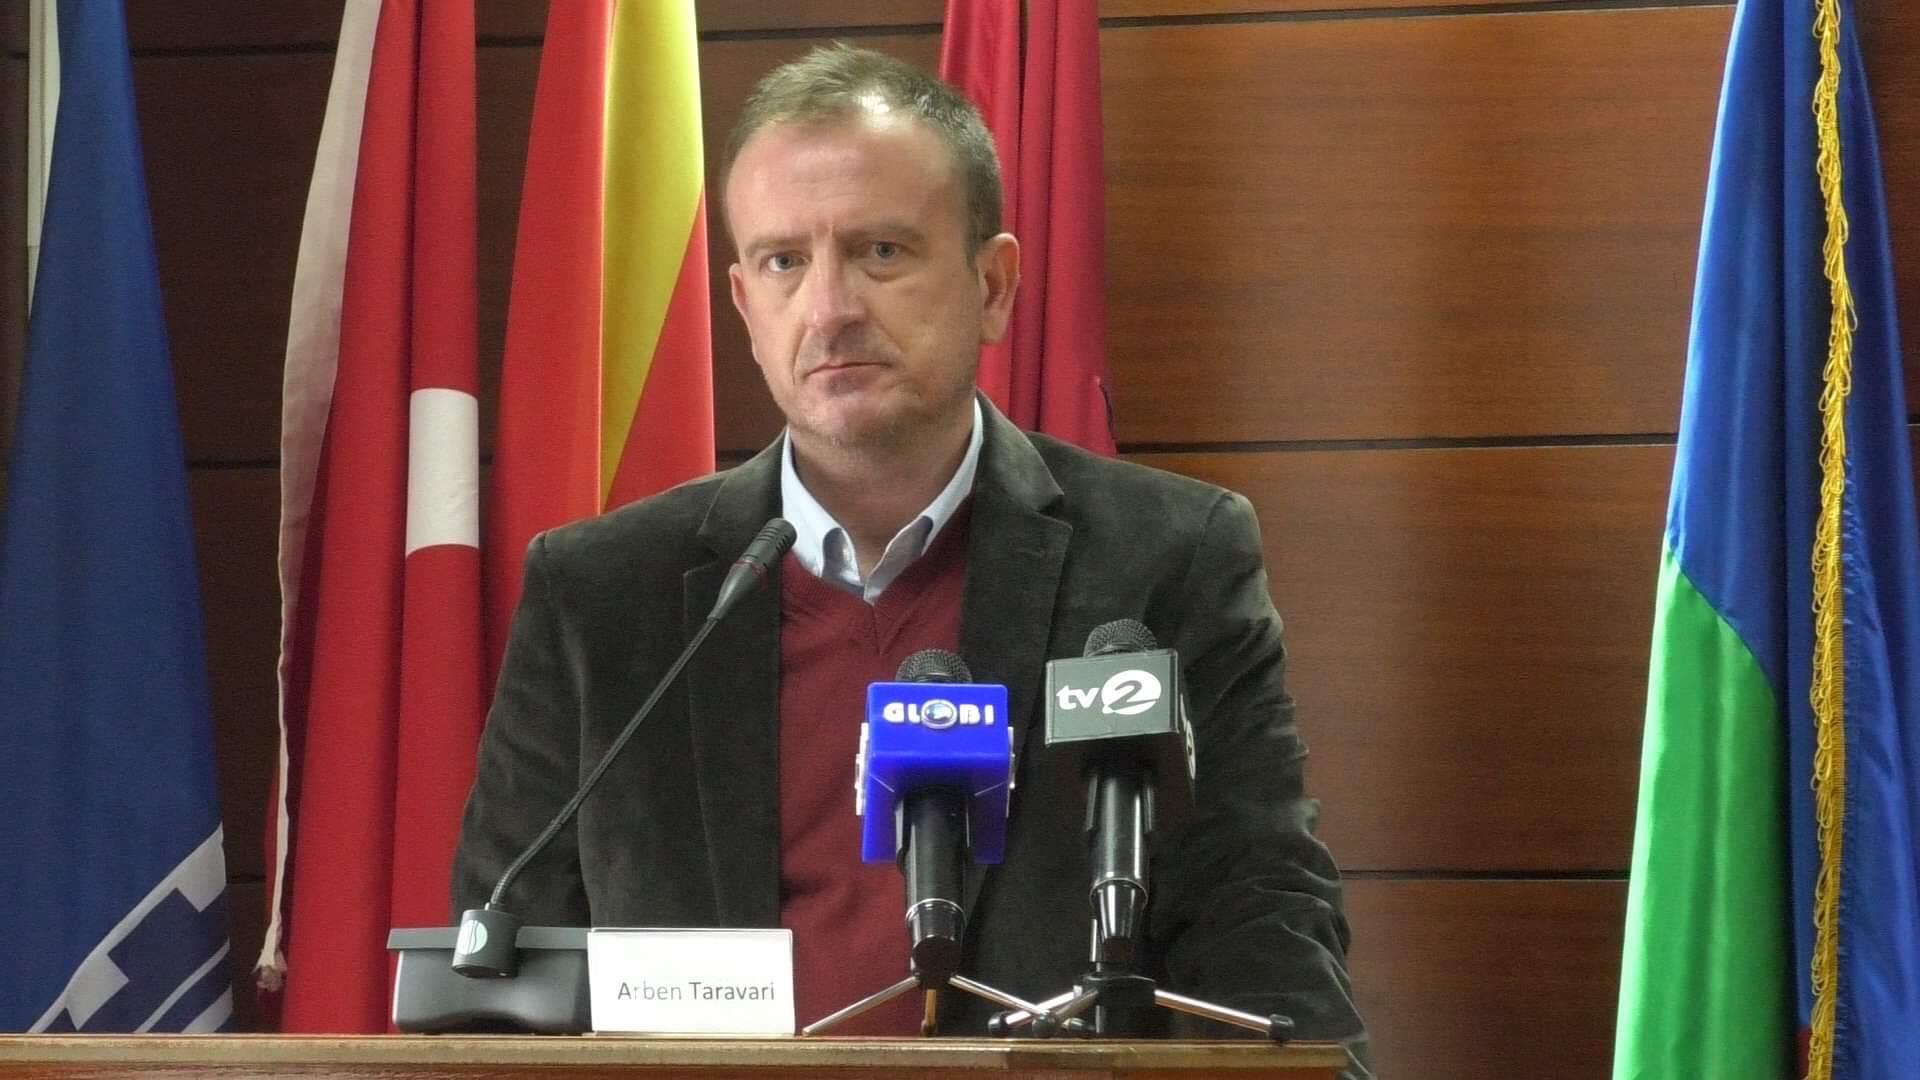 Perceptimi i qytetarëve mbi korrupsioni në nivel lokal në komunën e Gostivarit shënon rënie